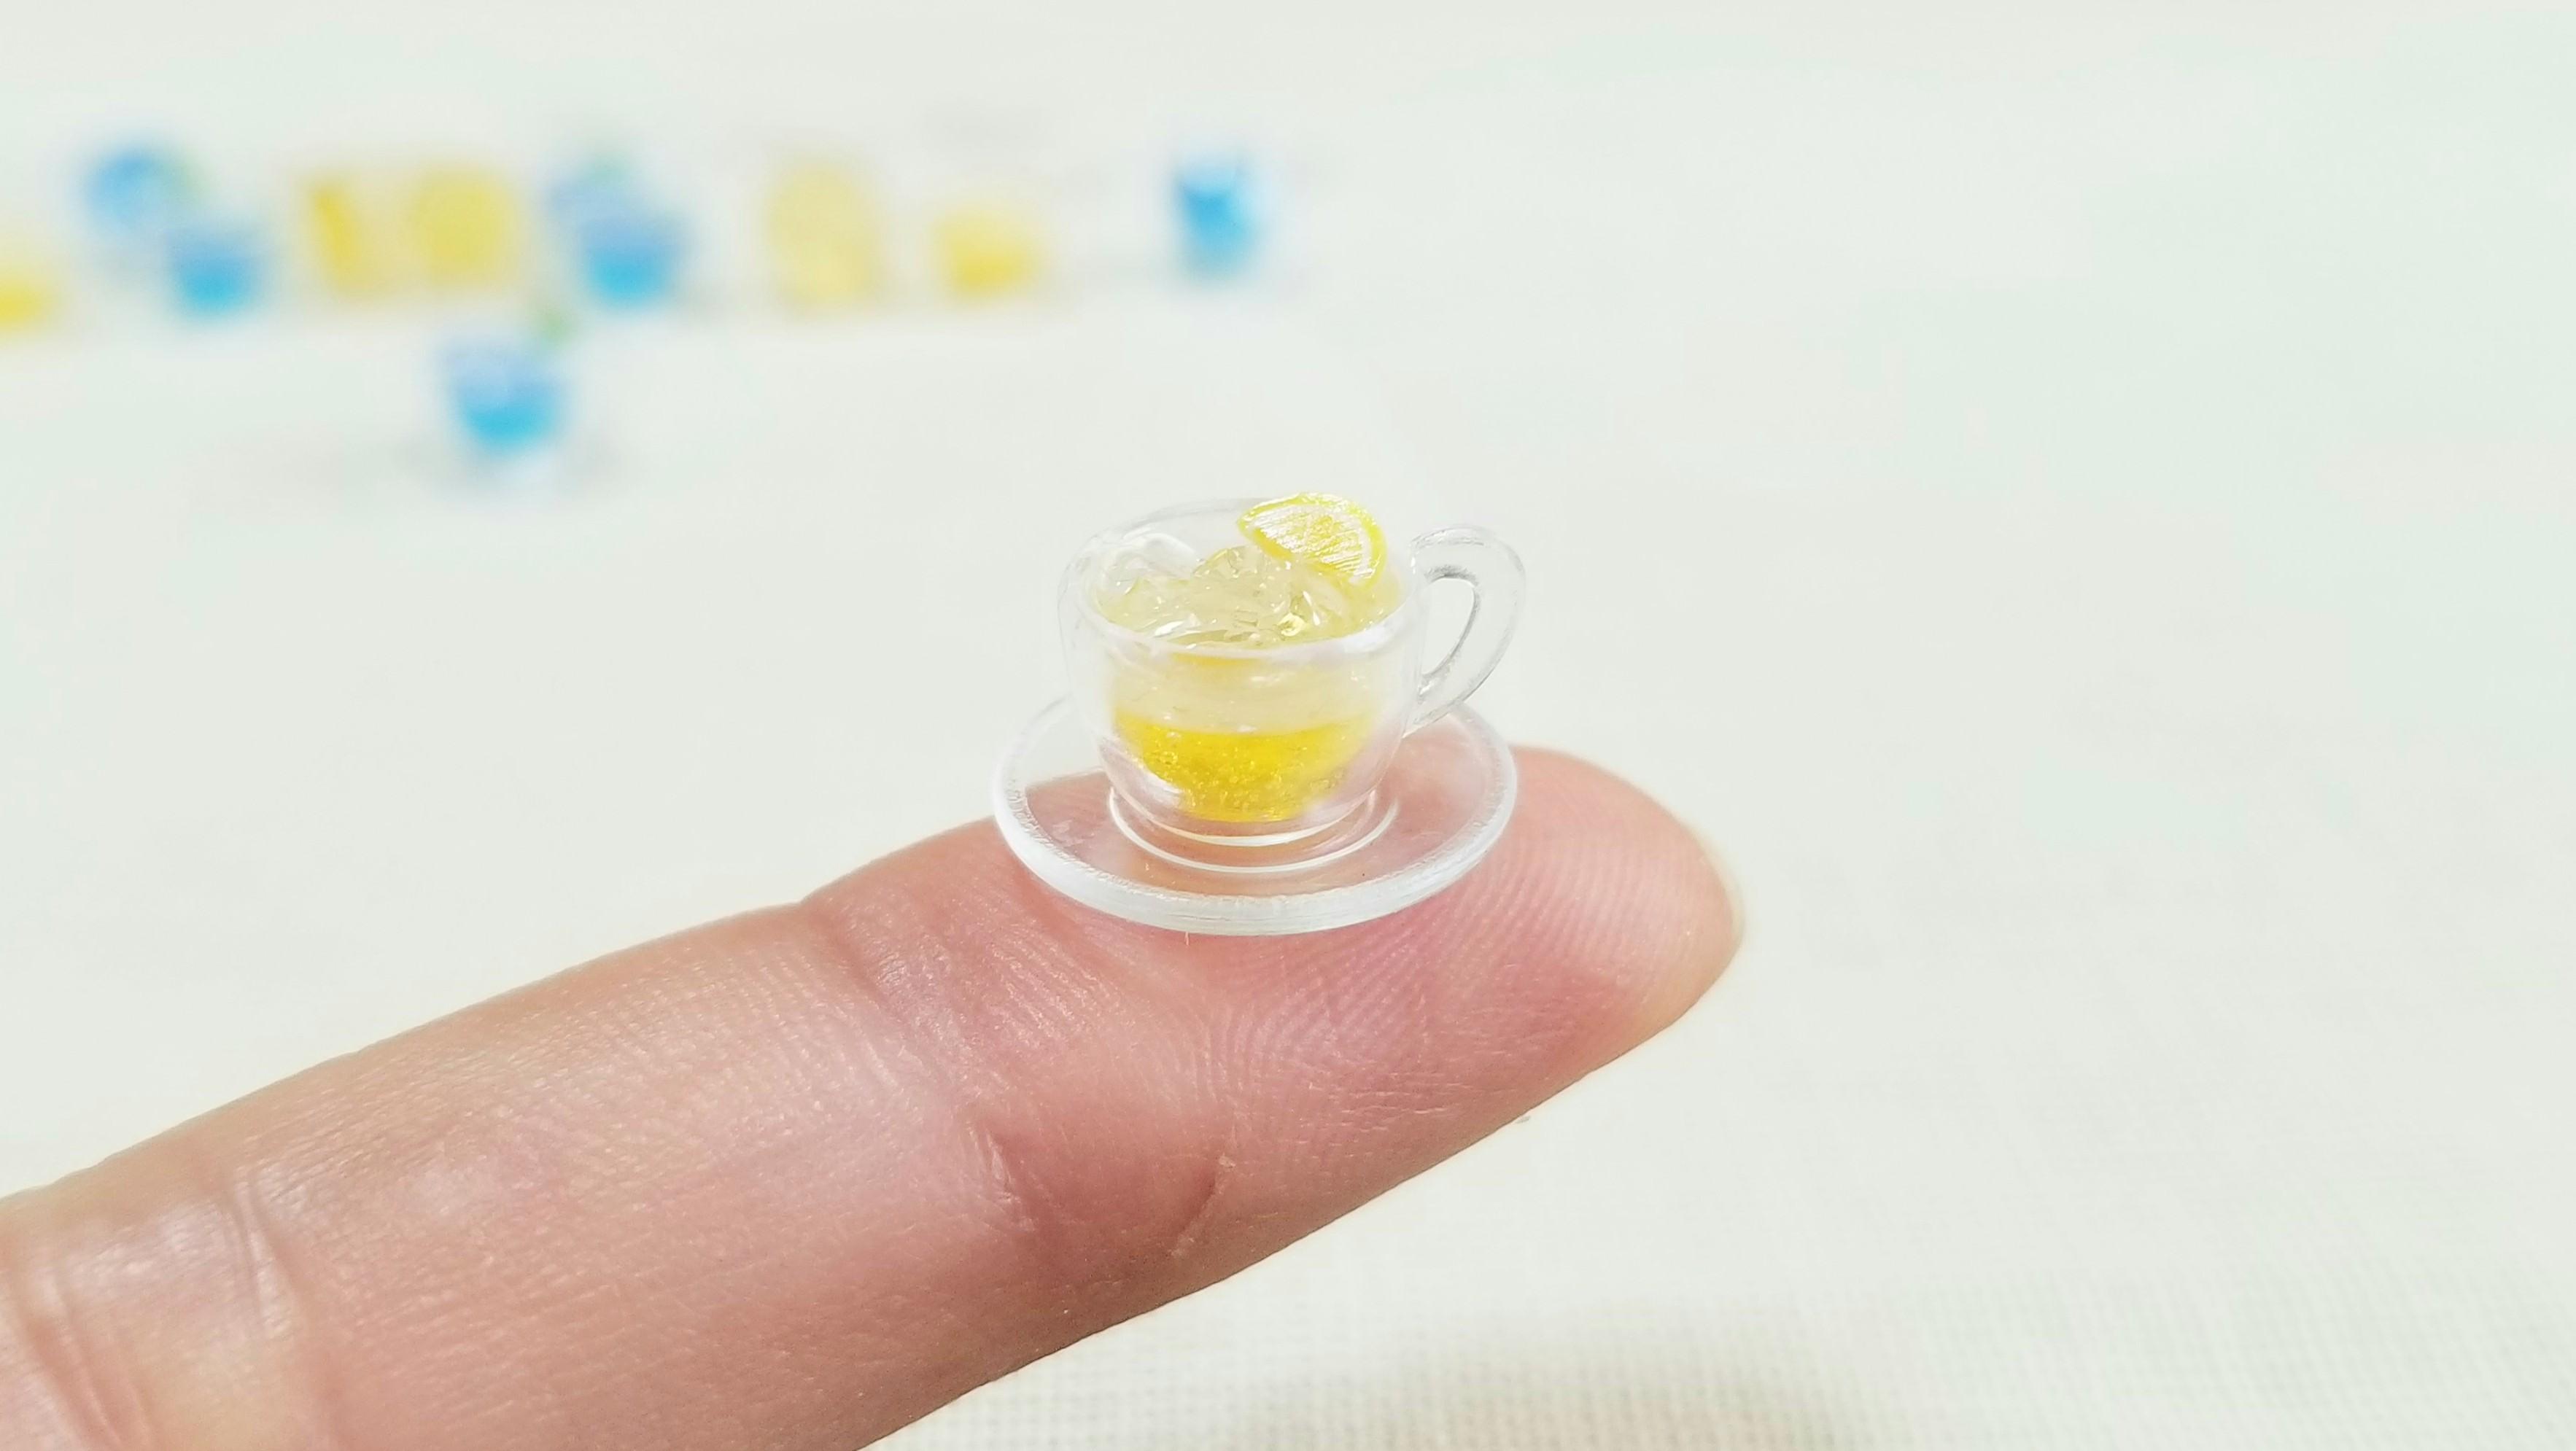 ミニチュアフードかわいい飲み物おすすめ人気ドール用品小物手作り